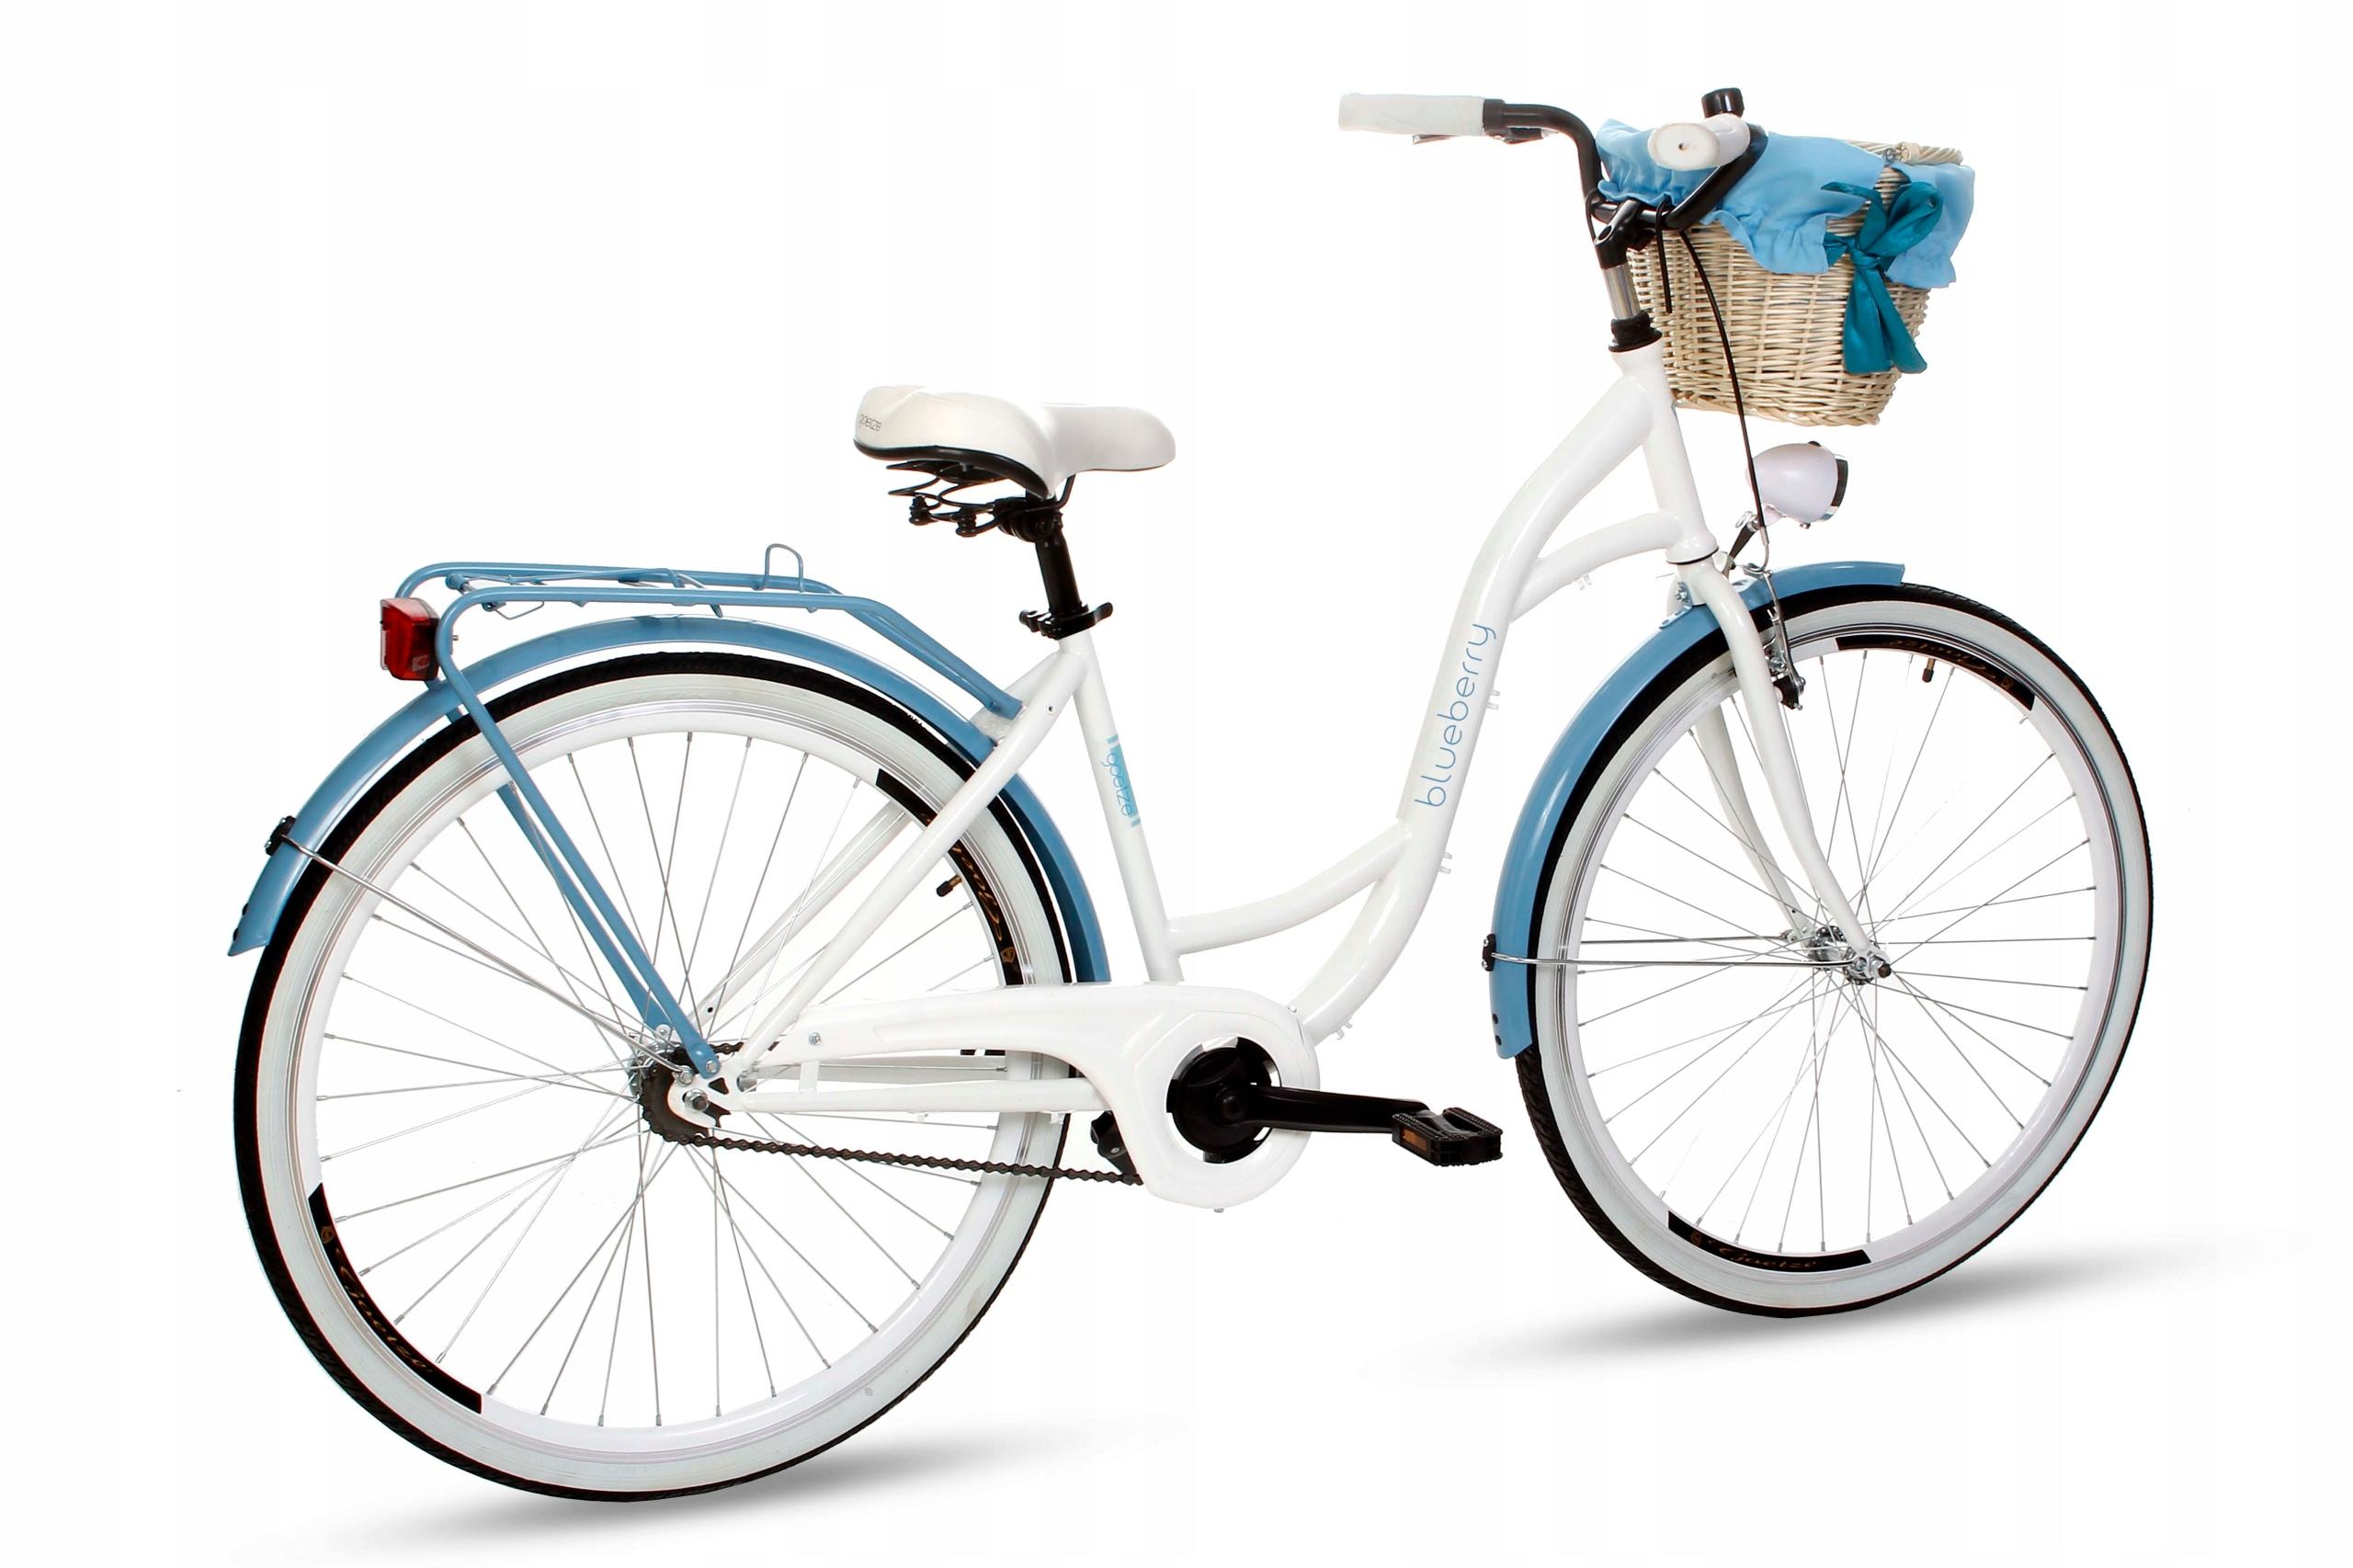 Dámsky mestský bicykel Goetze BLUEBERRY 28 košík!  Materiál rámu oceľ